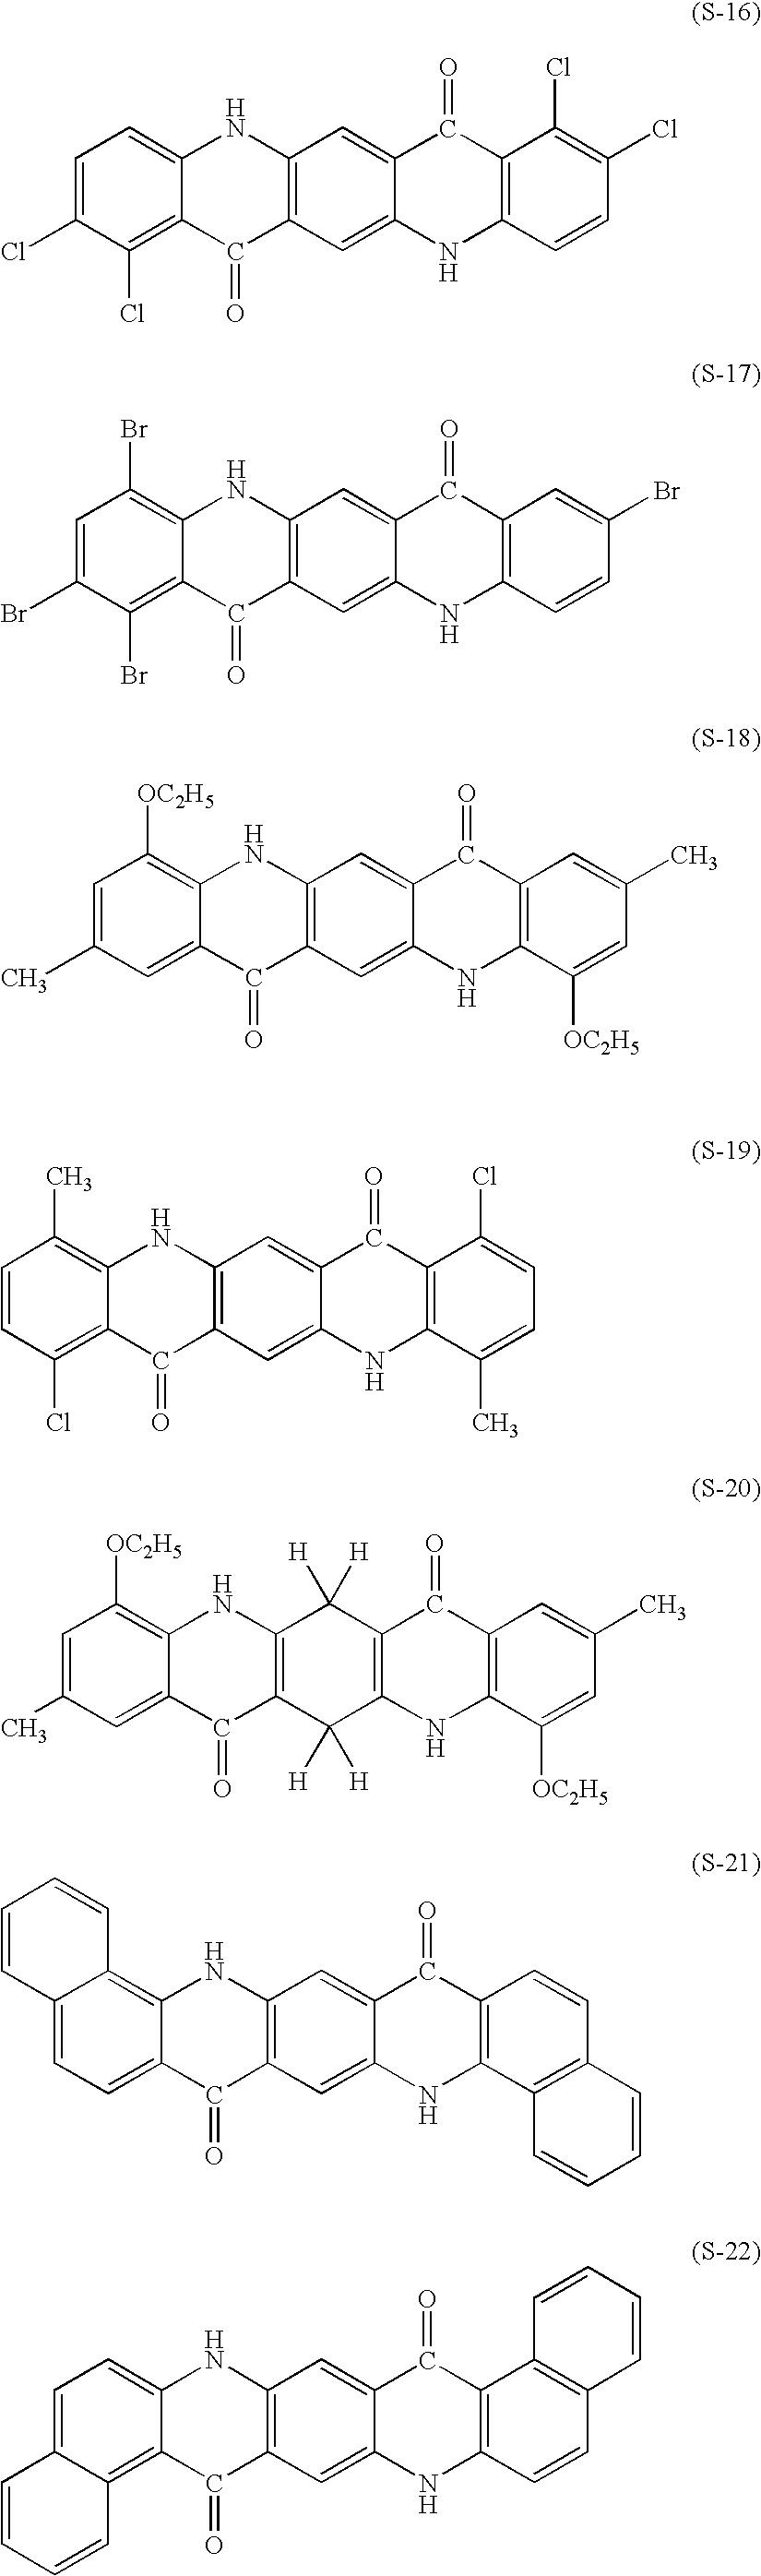 Figure US07683365-20100323-C00007